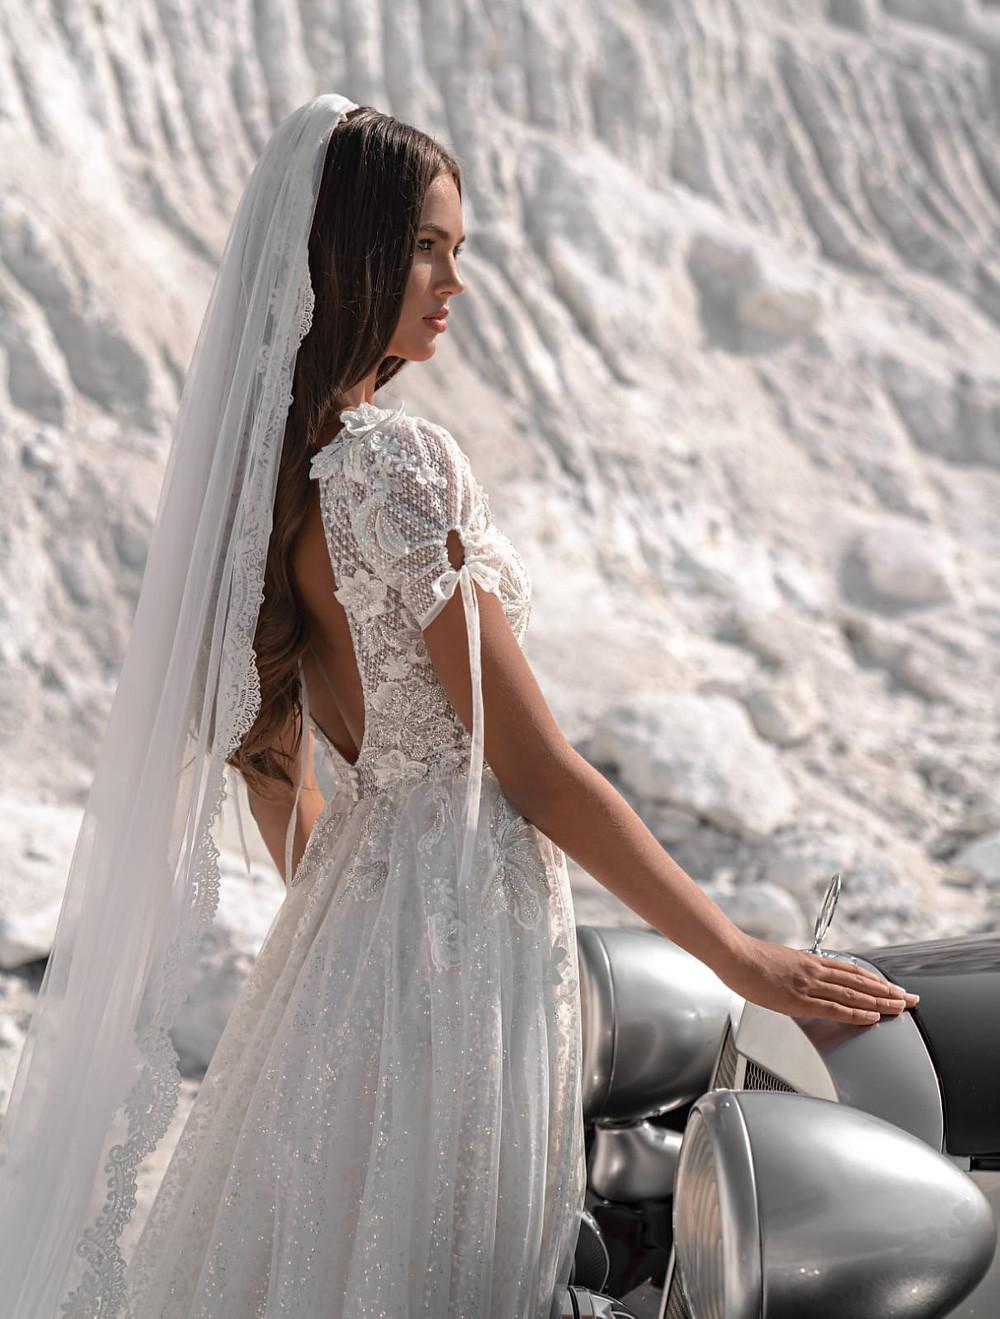 rochie mireasa, rochii de mireasa lux